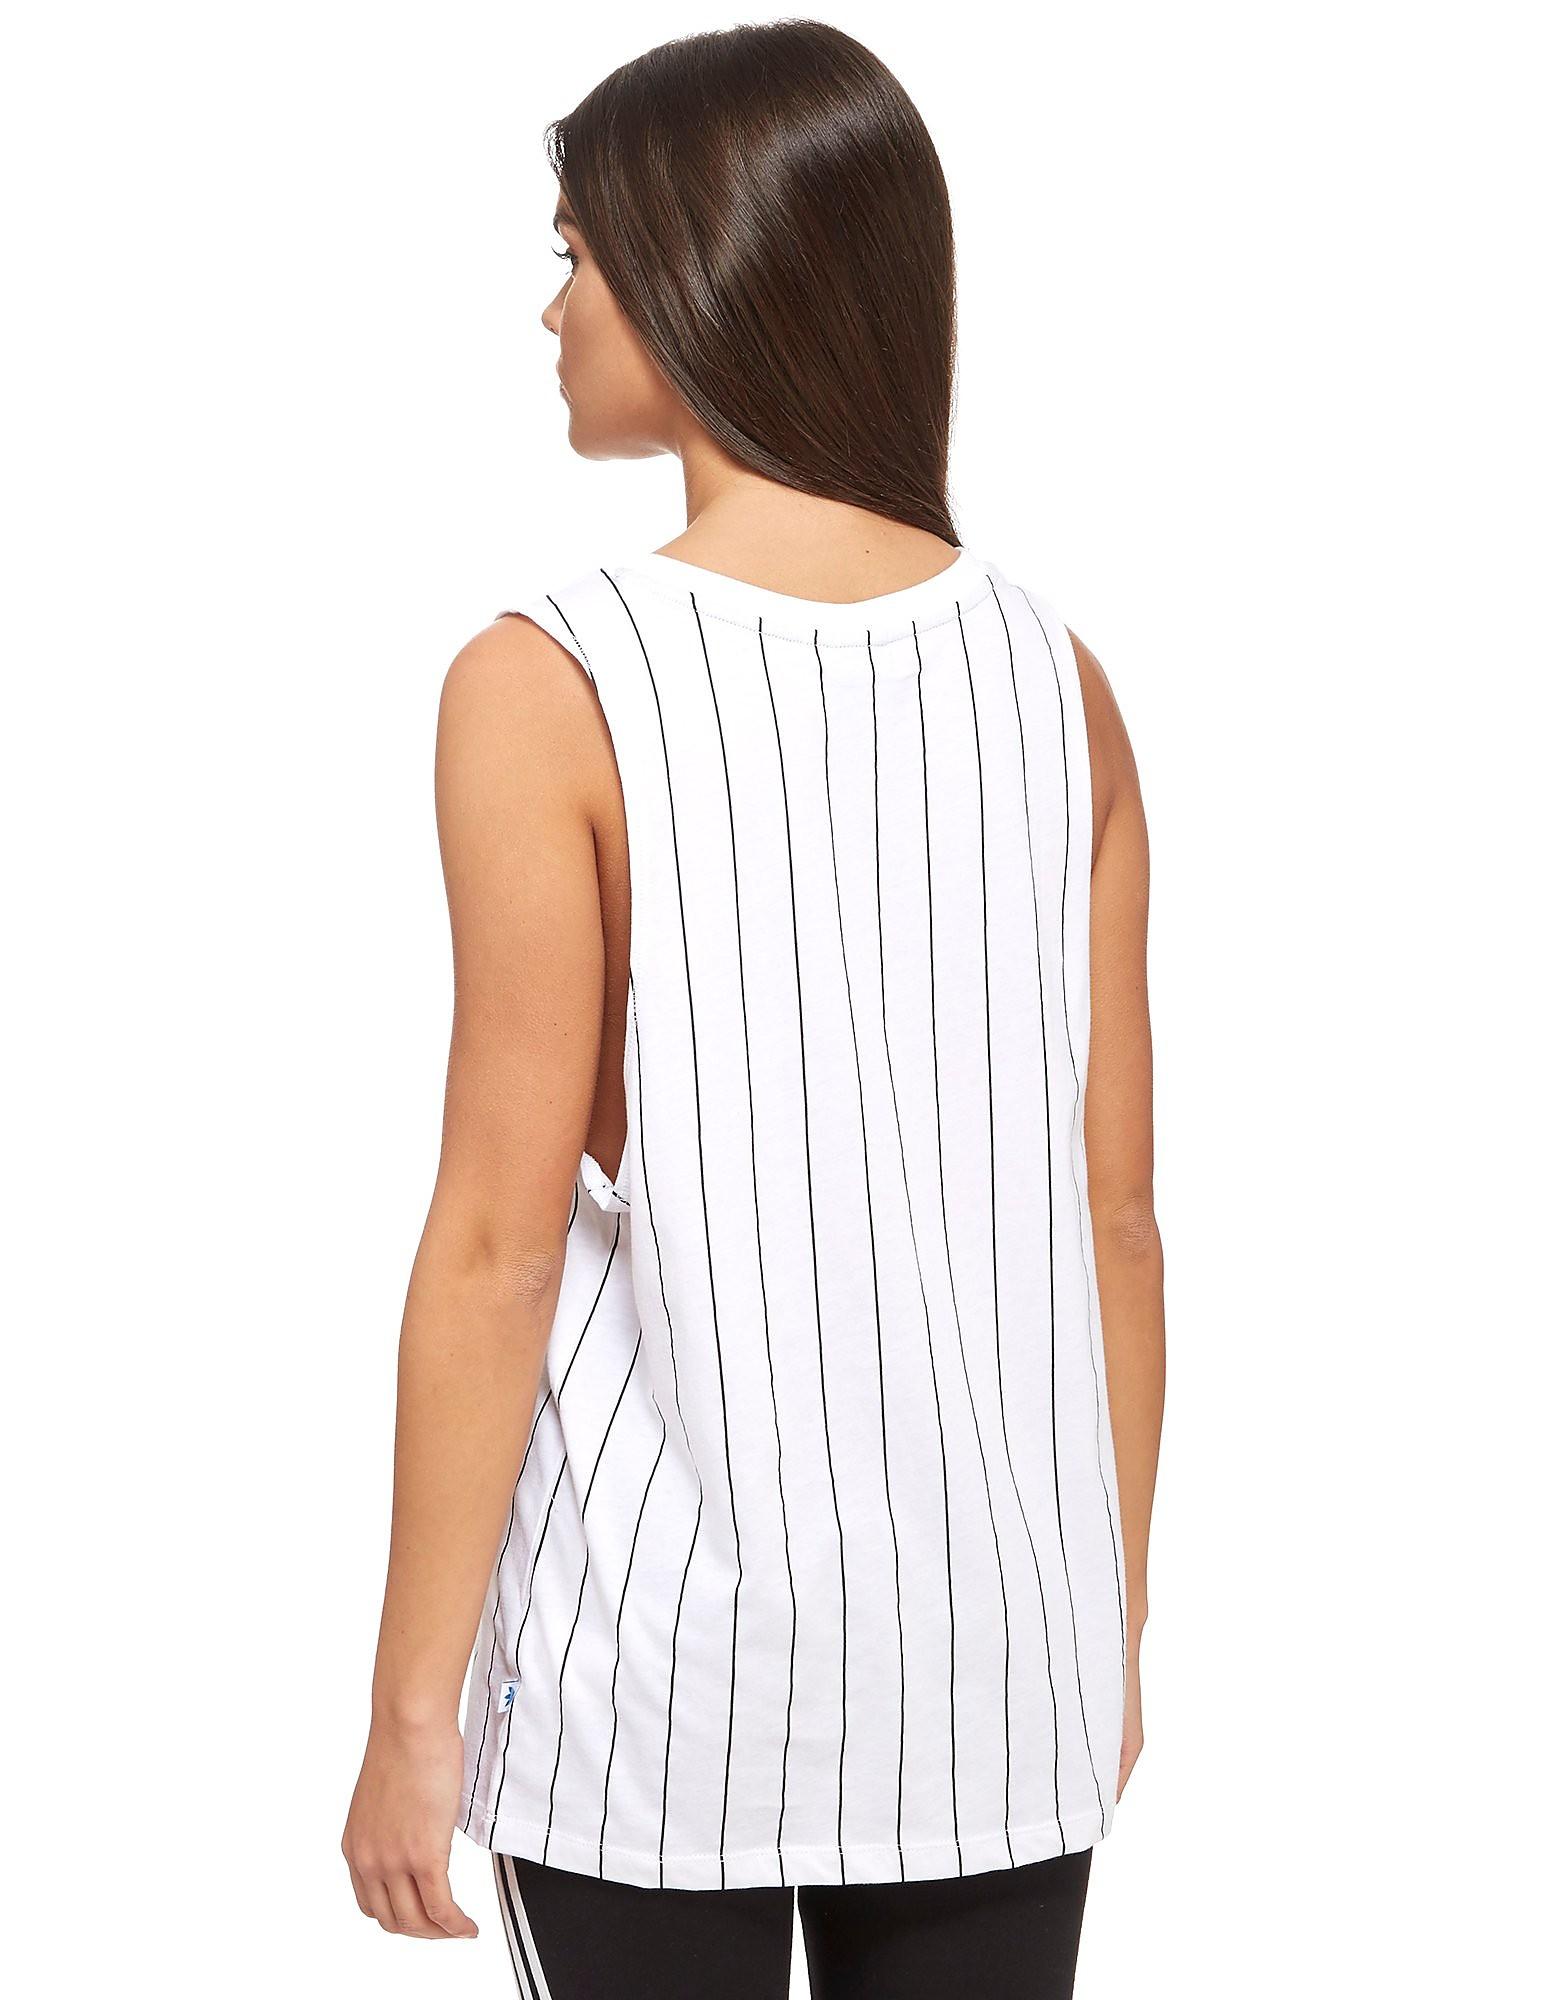 adidas Originals Tennis Tank Vest